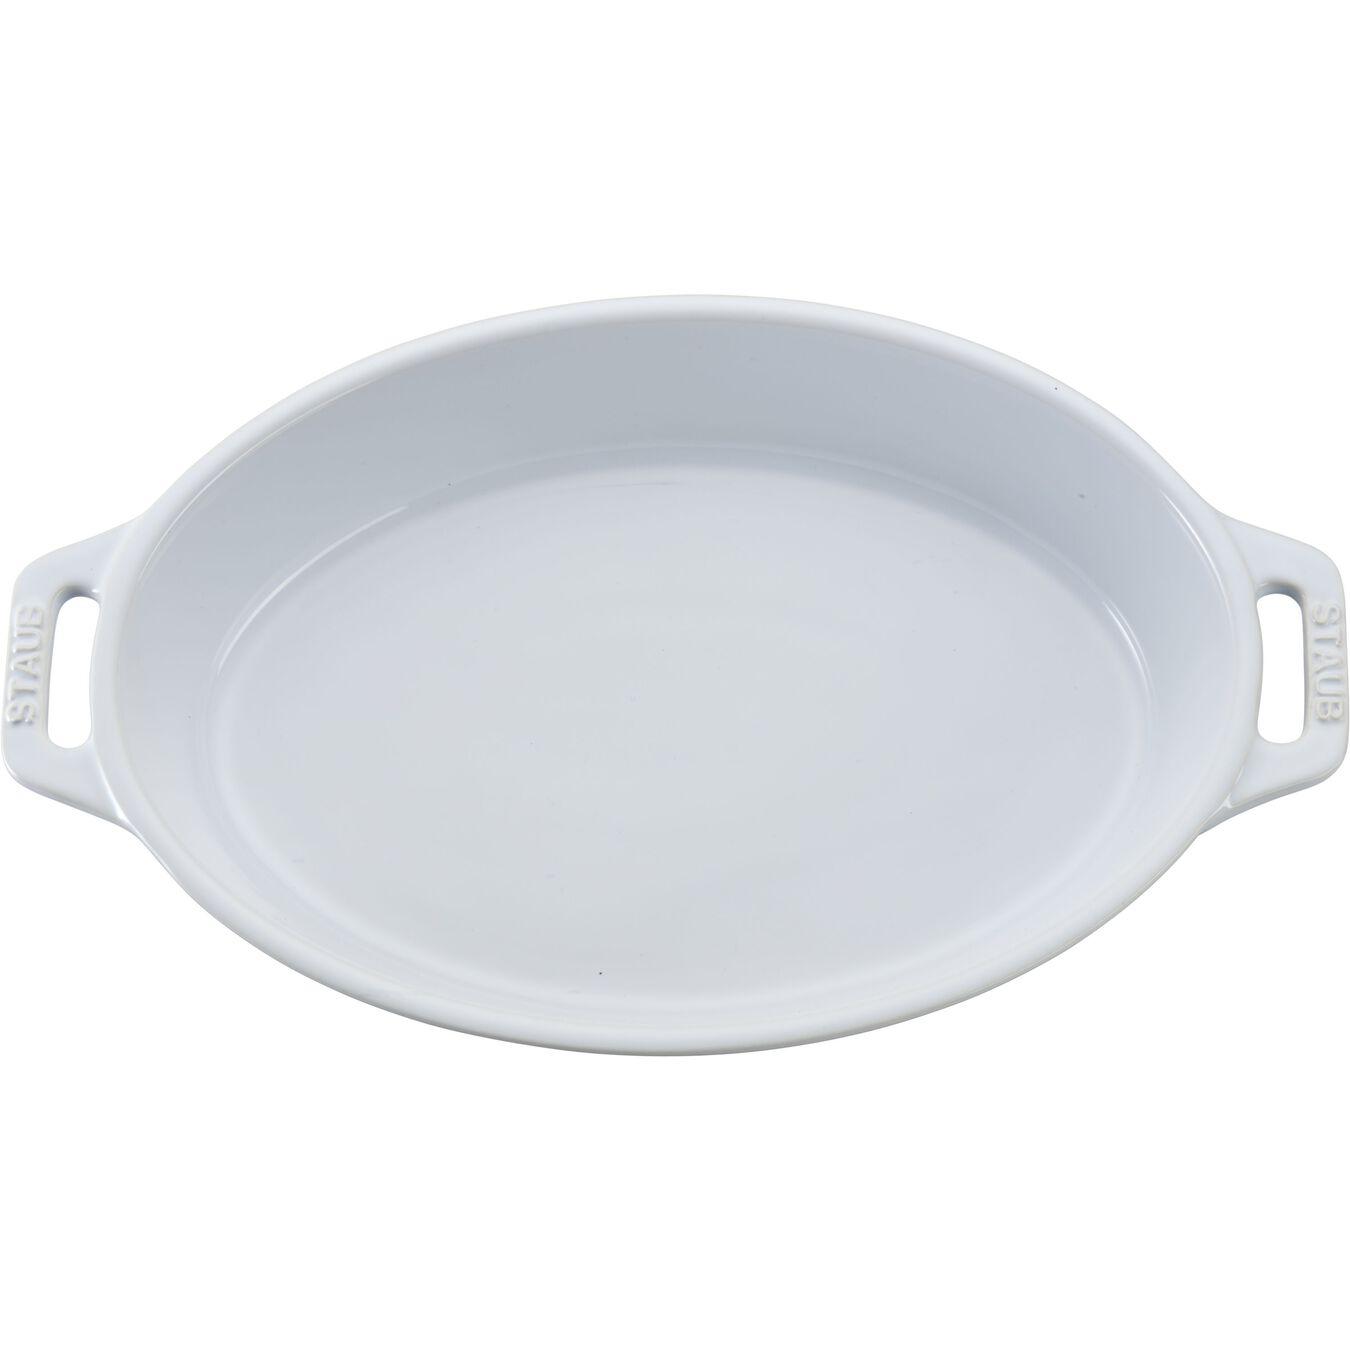 4-pc Baking Dish Set - White,,large 4